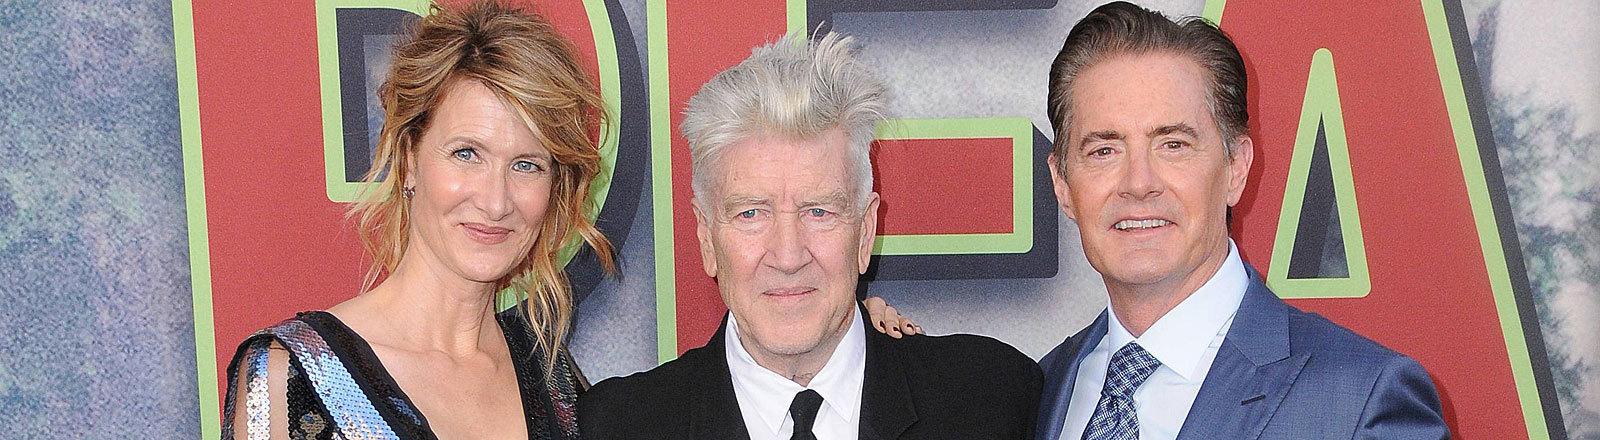 Laura Dern, David Lynch, Kyle MacLachlan bei der Premiere der neuen Twin Peaks Staffel 2017